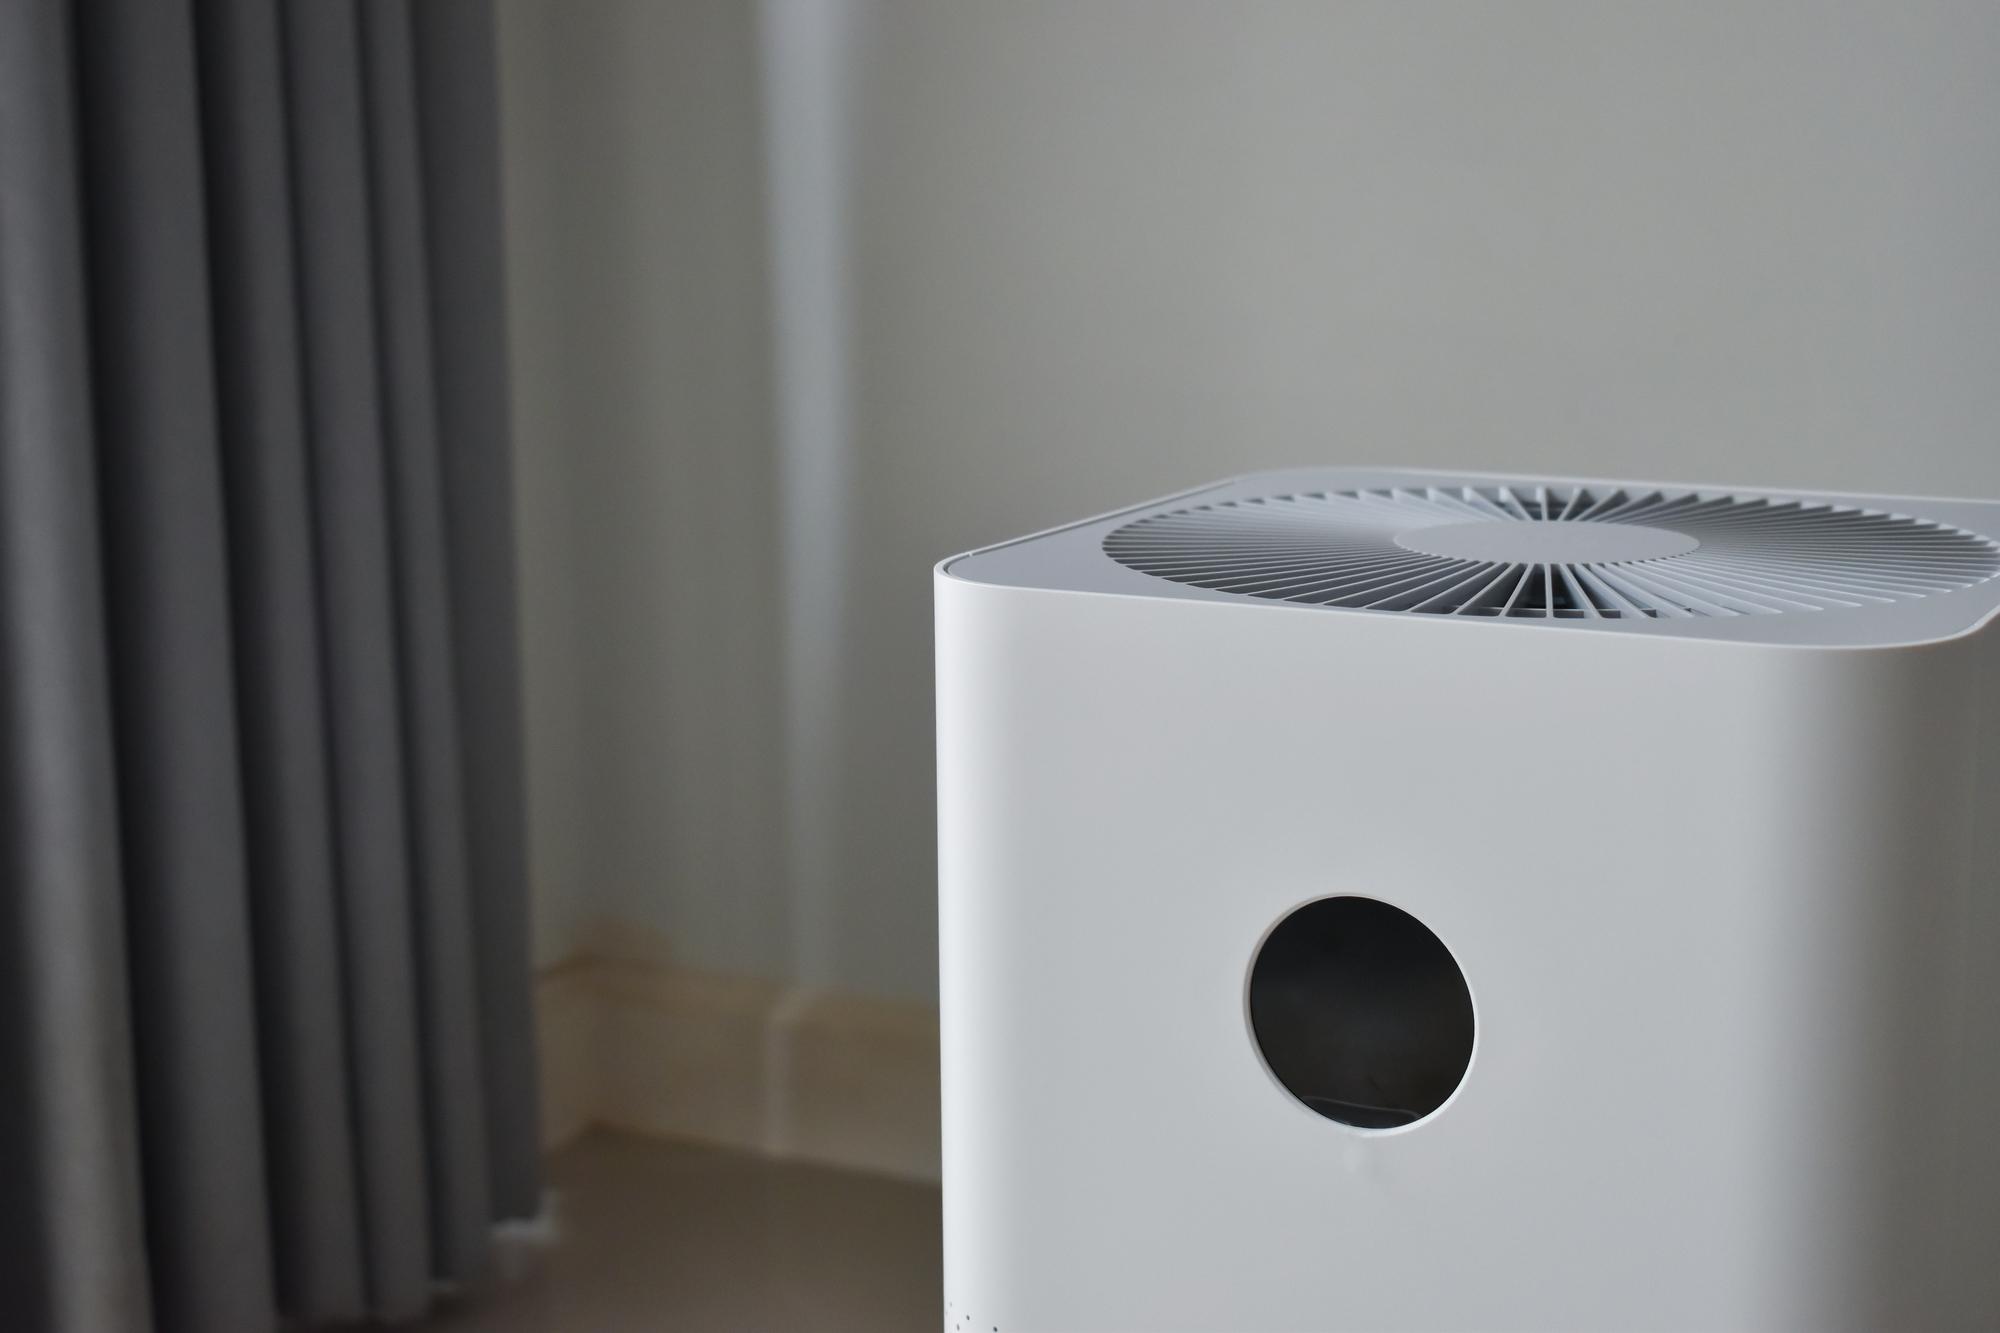 札幌のおしゃれな賃貸まとめVol.002~空気清浄機付き物件編〜